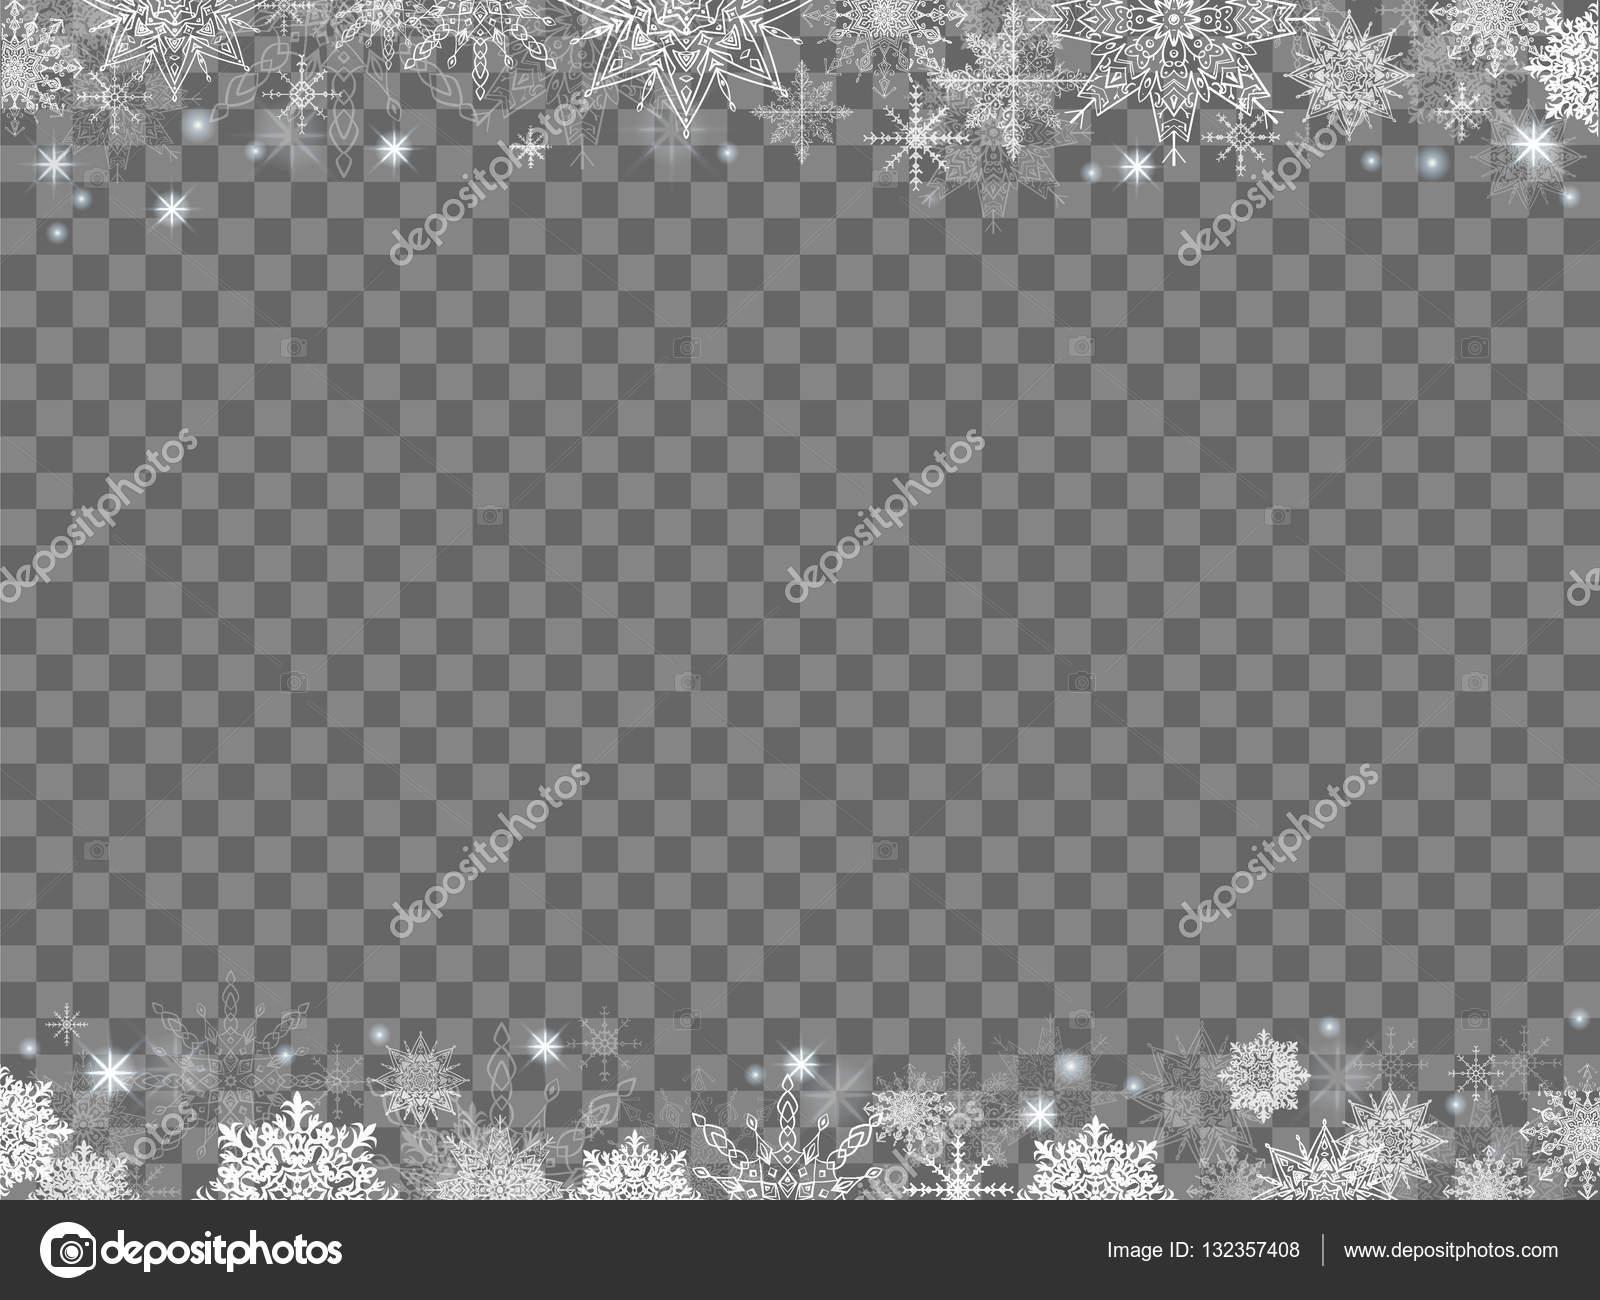 märchenhafte Weihnachten Hintergrund viele Schneeflocken Rahmen ...